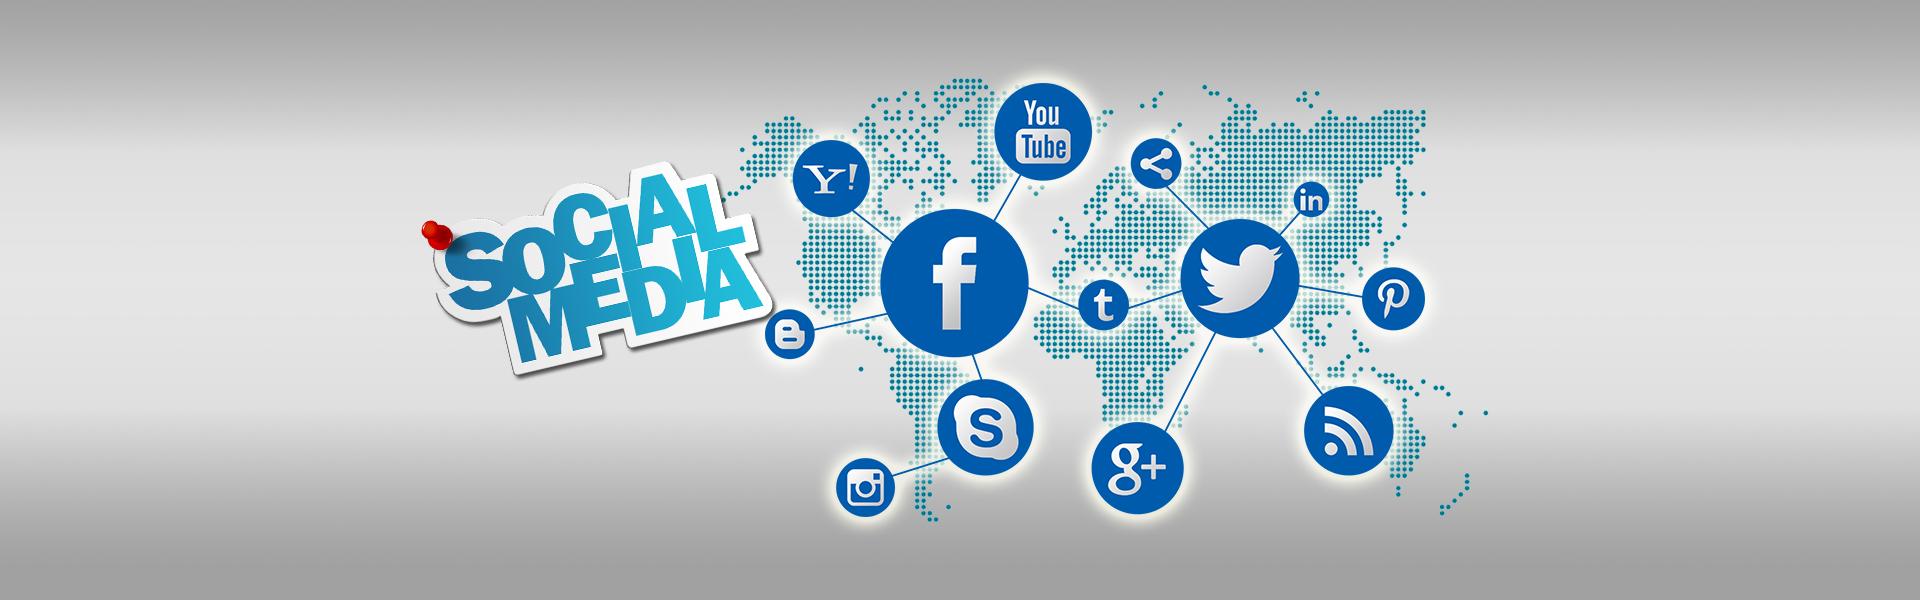 social-media-slider